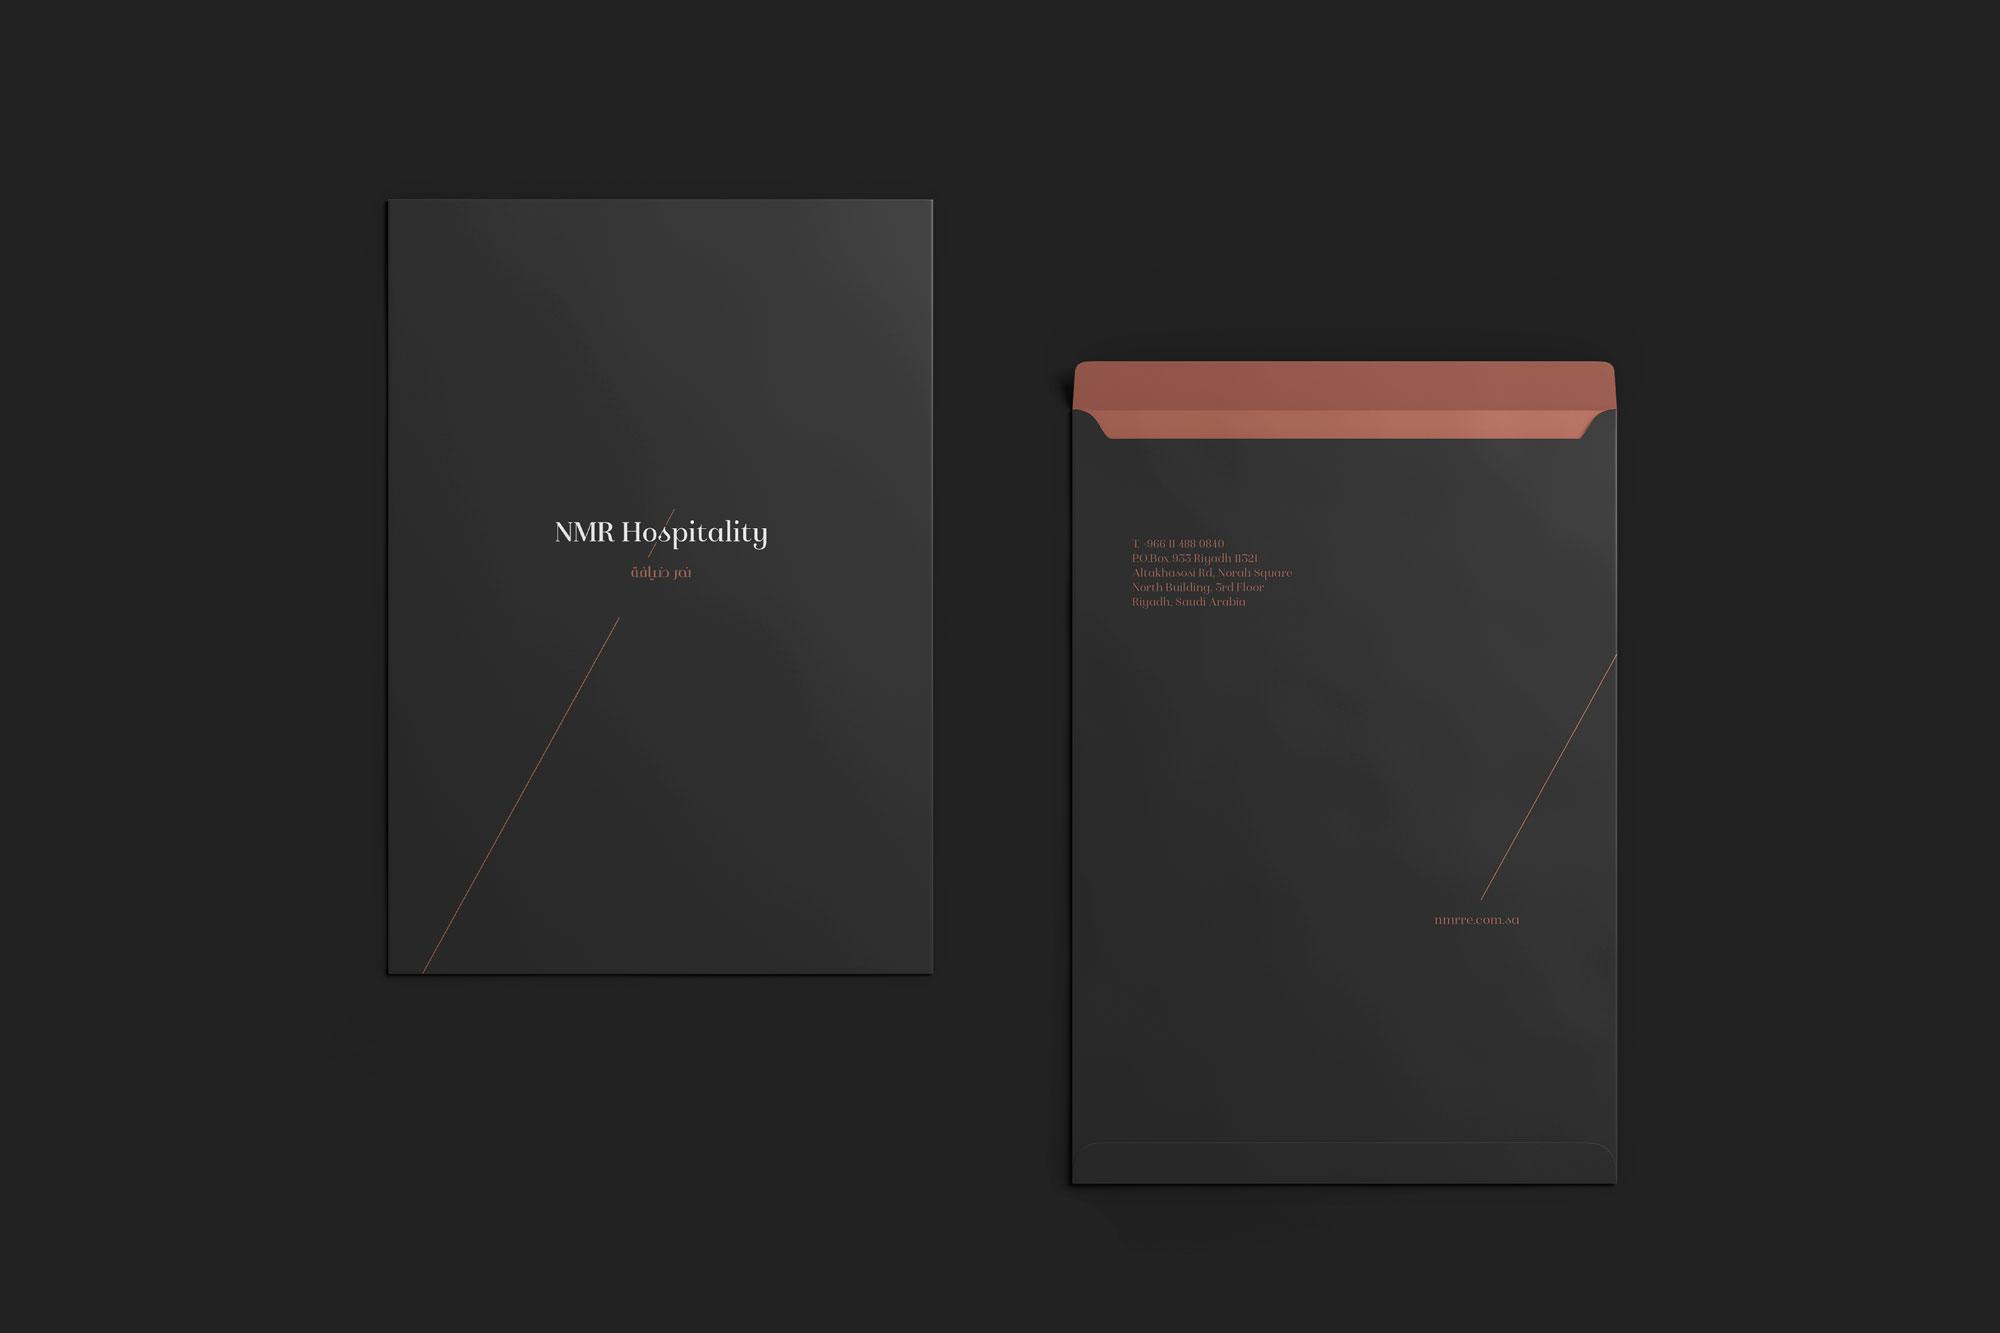 NMR_Hospitality_Envelope_01_By_YaStudio